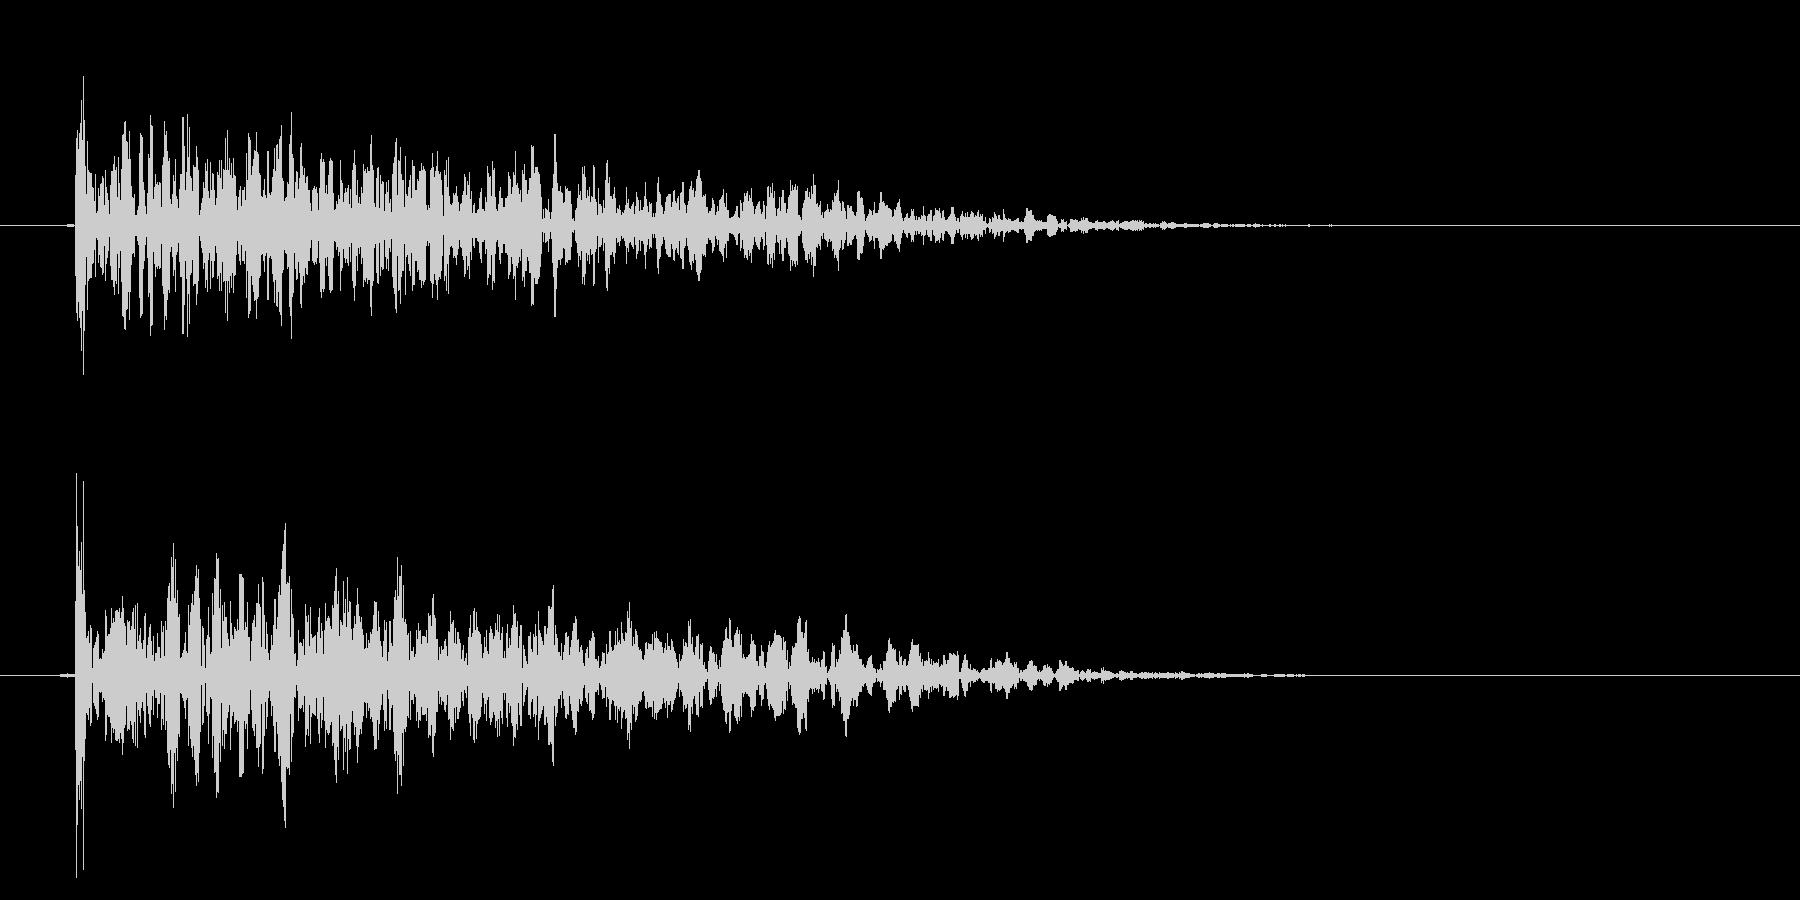 インパクトドラムダルローウッドリバ...の未再生の波形